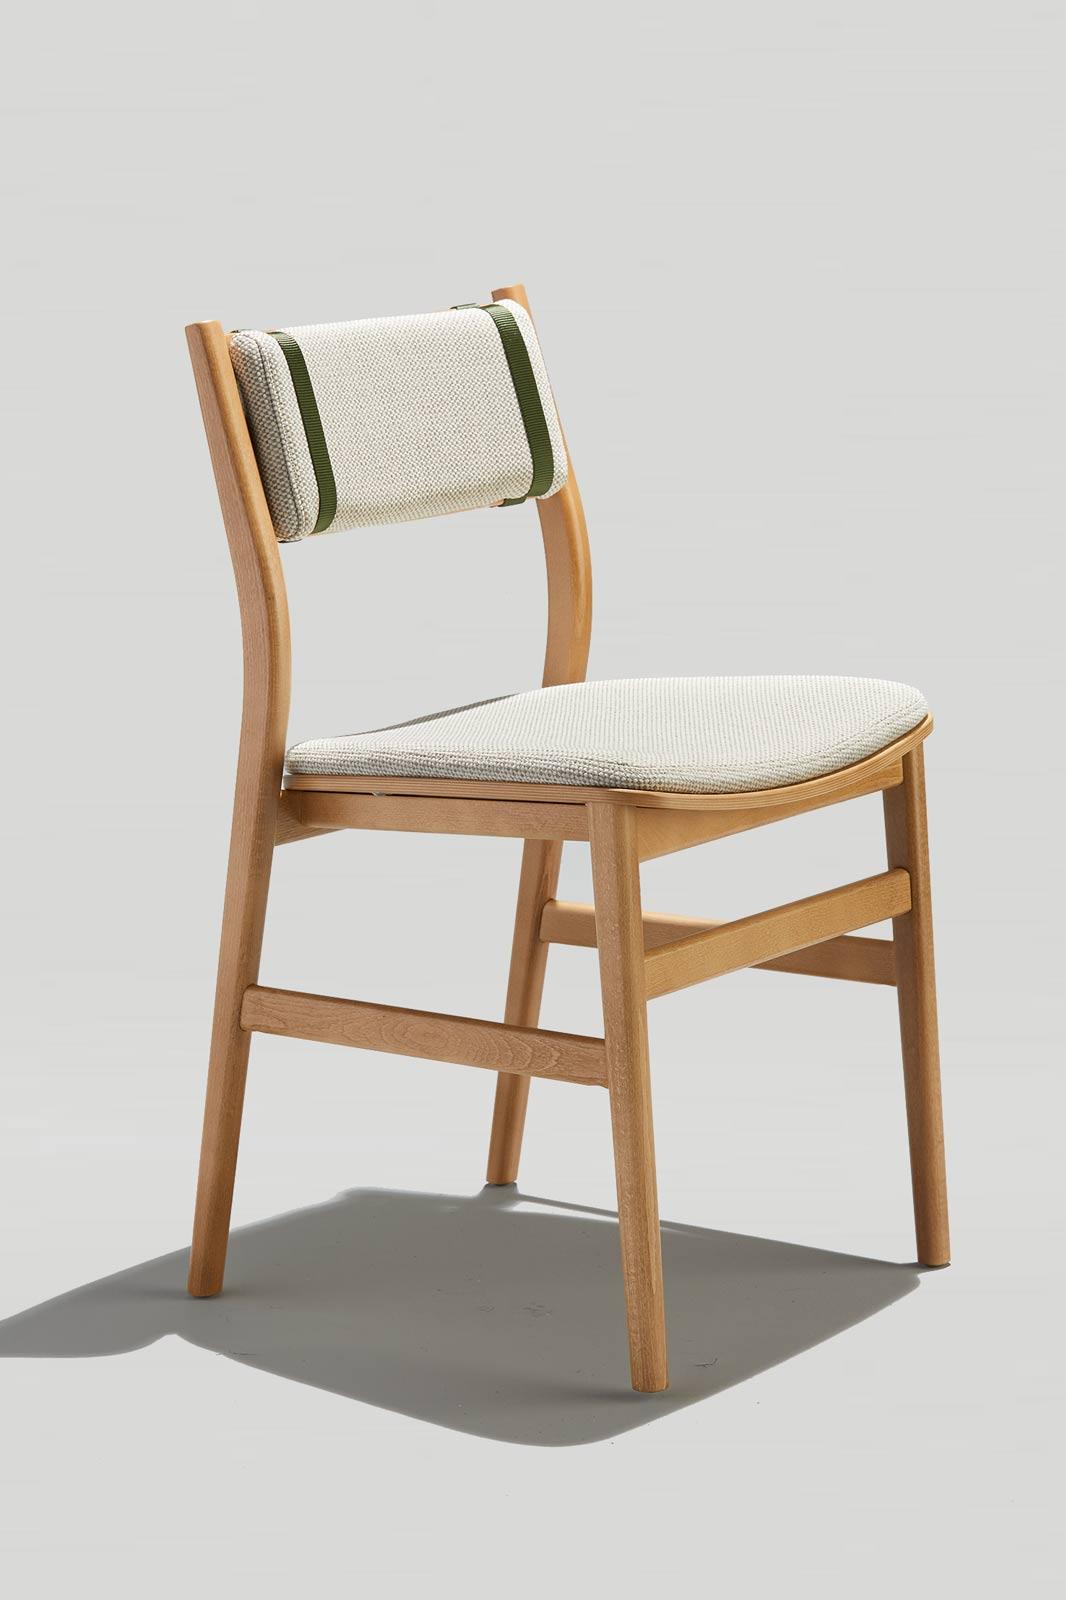 sigsbee-chair-the-bierman-group